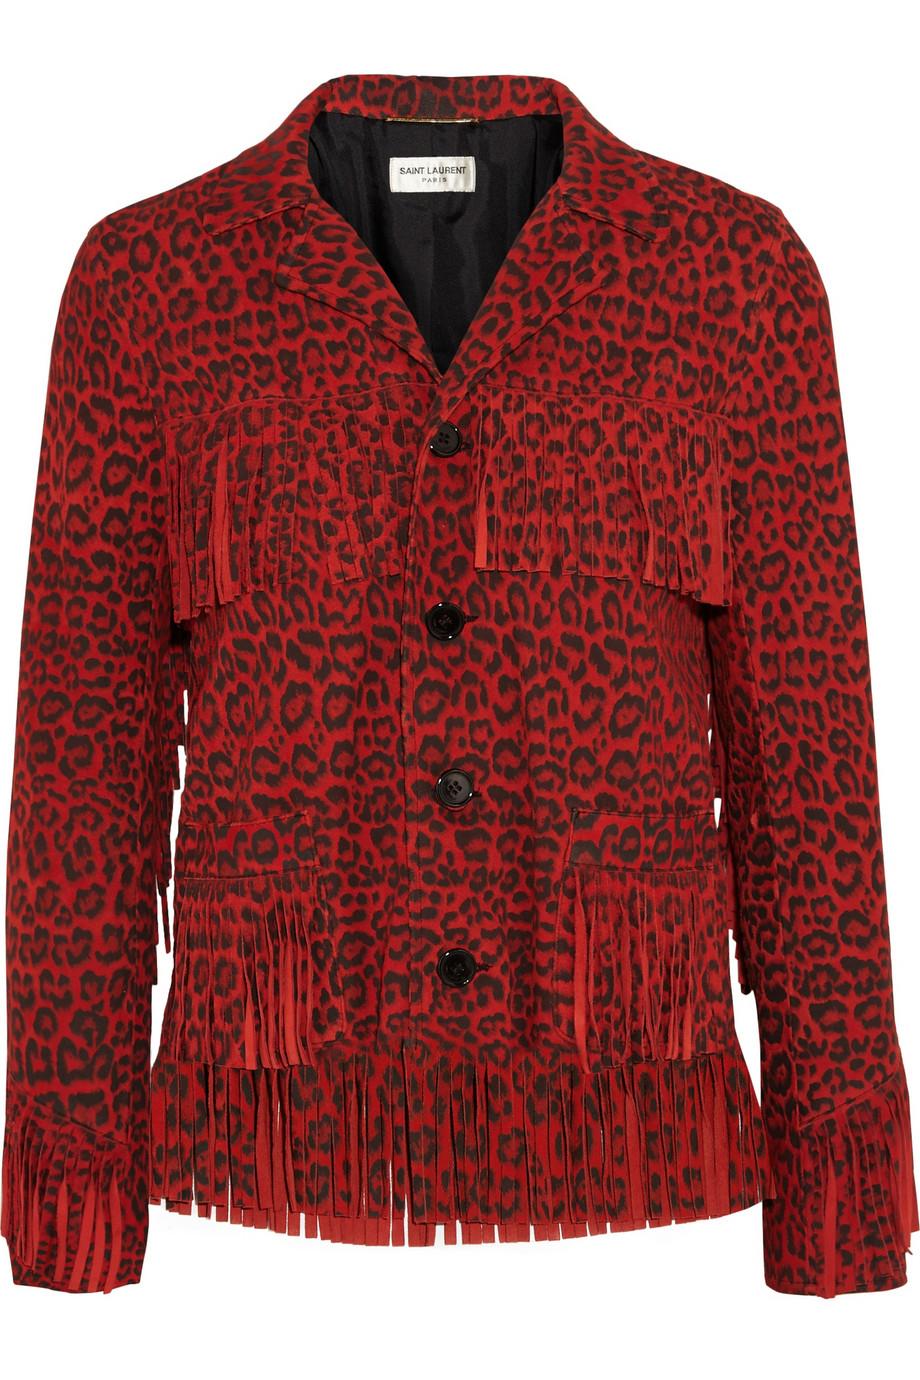 Saint Laurent Fringed Leopard Print Suede Jacket Lyst